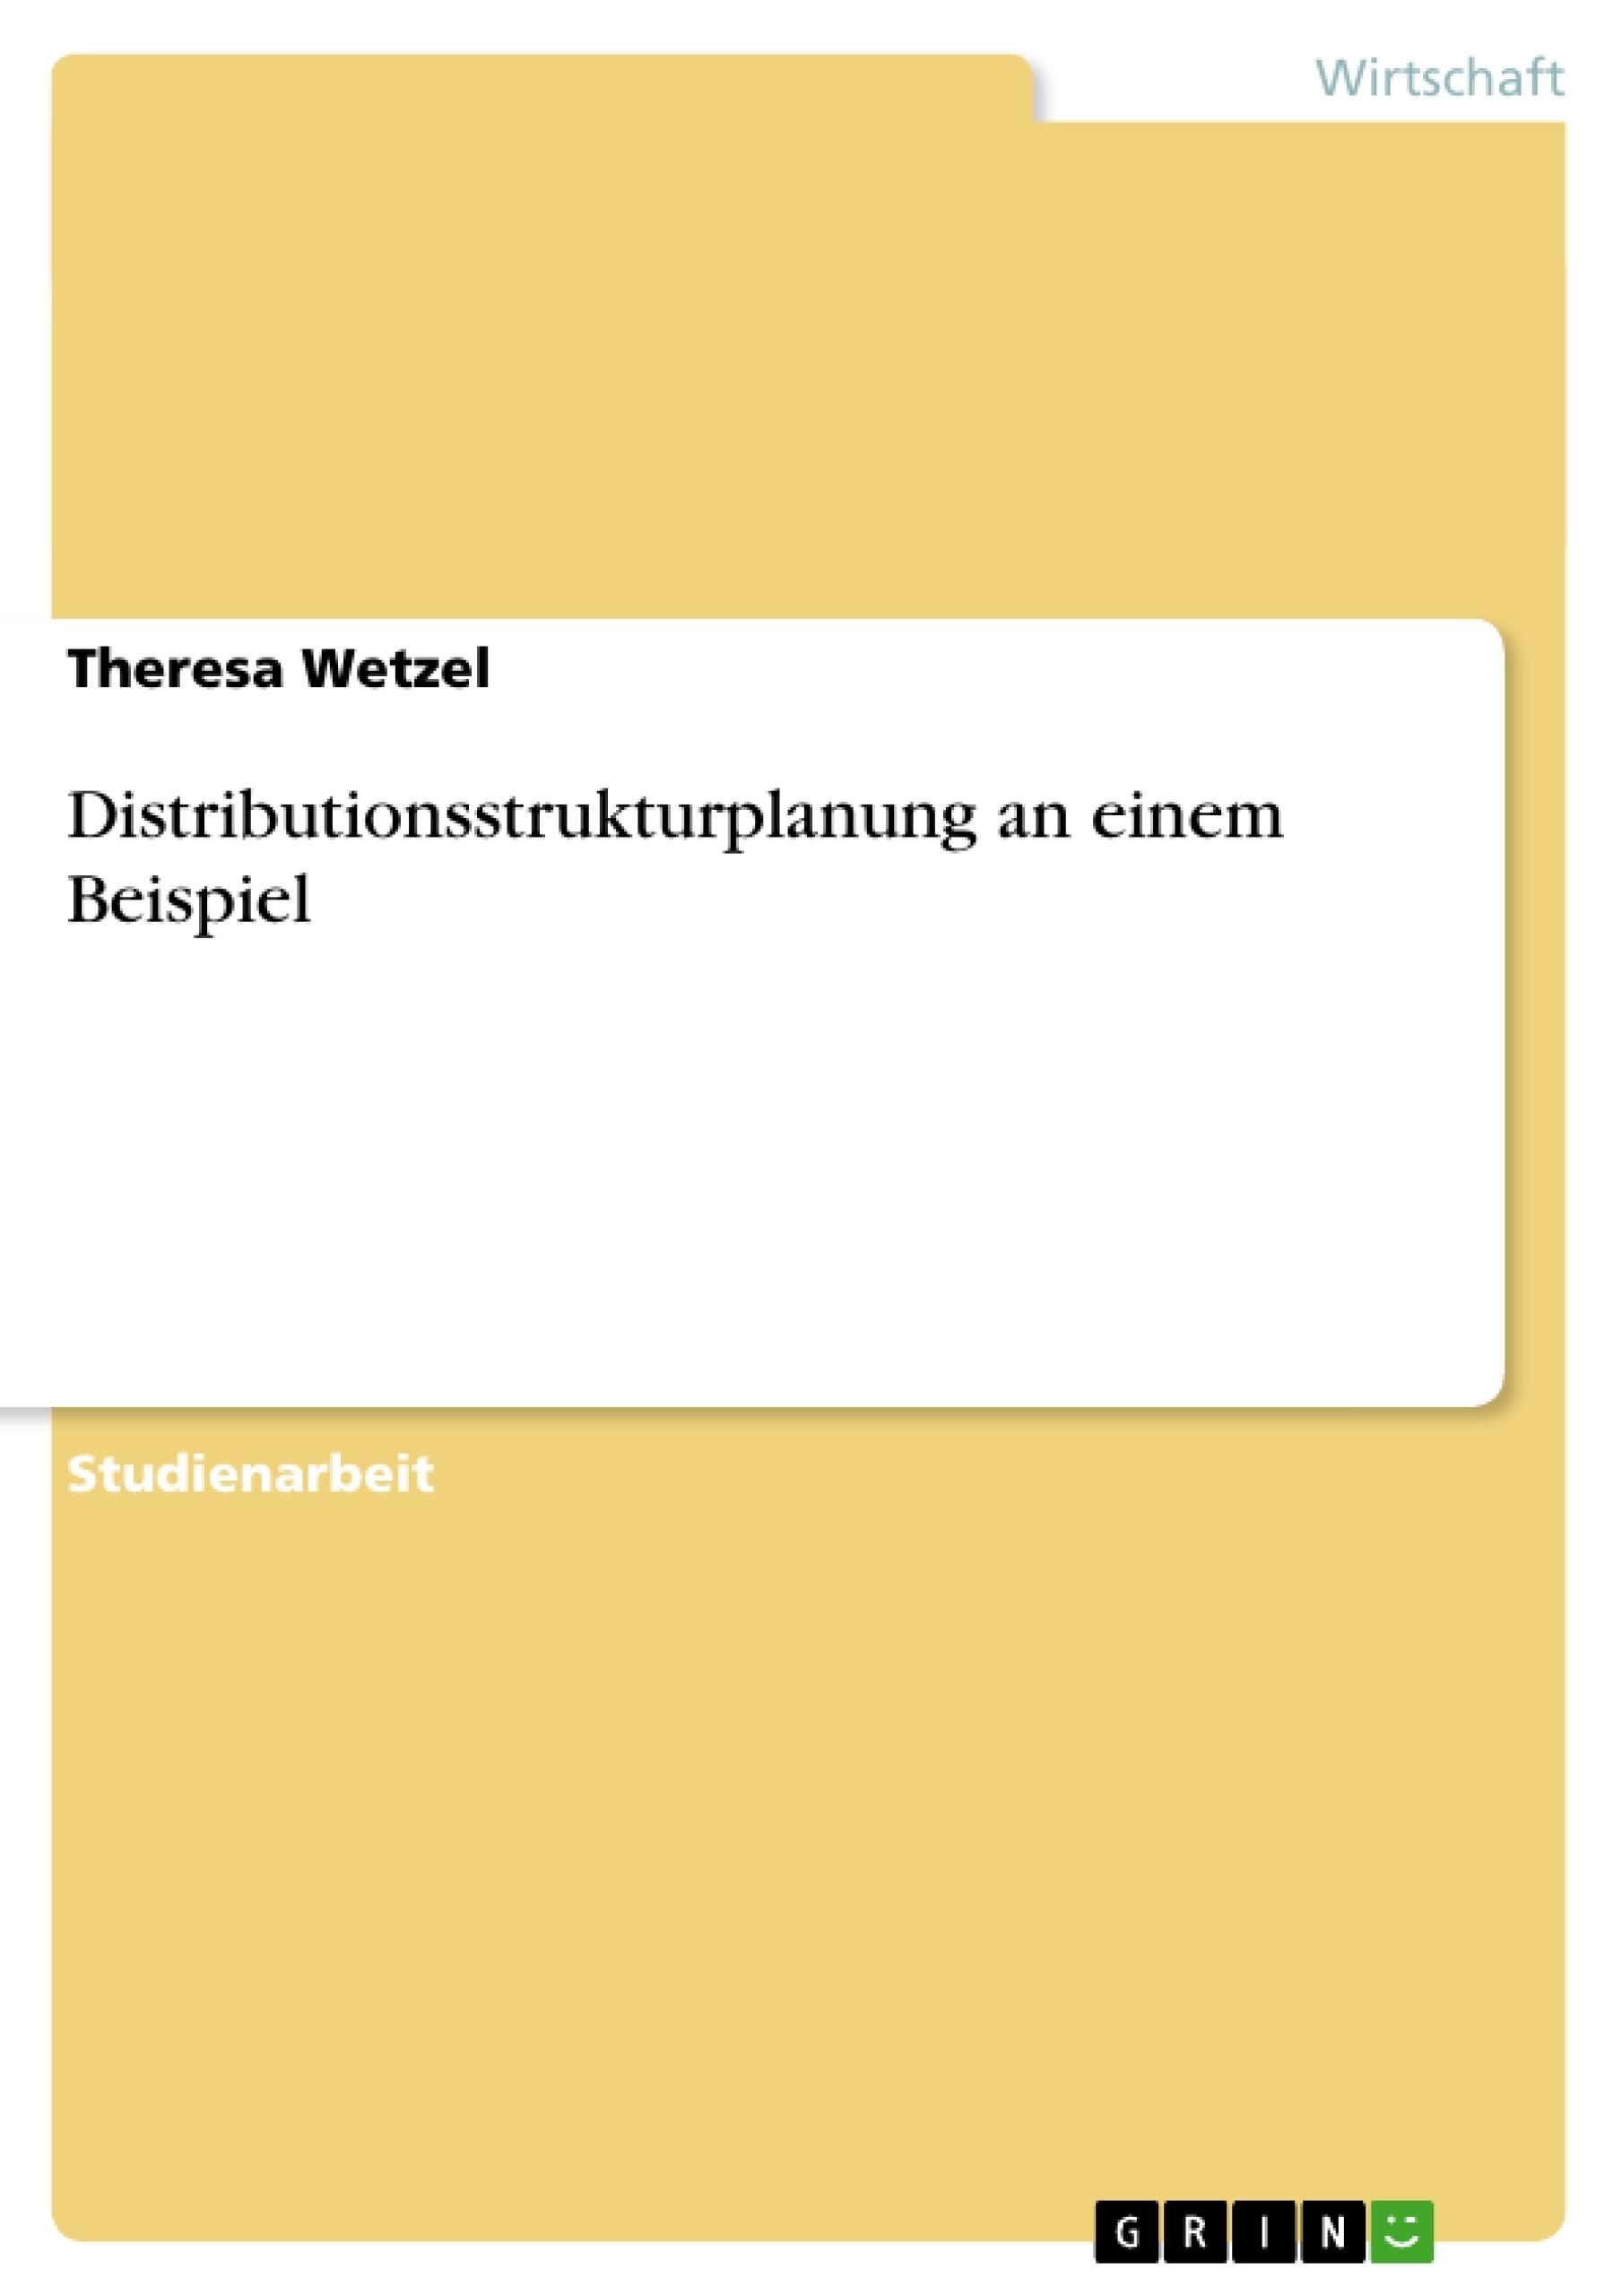 Titel: Distributionsstrukturplanung an einem Beispiel